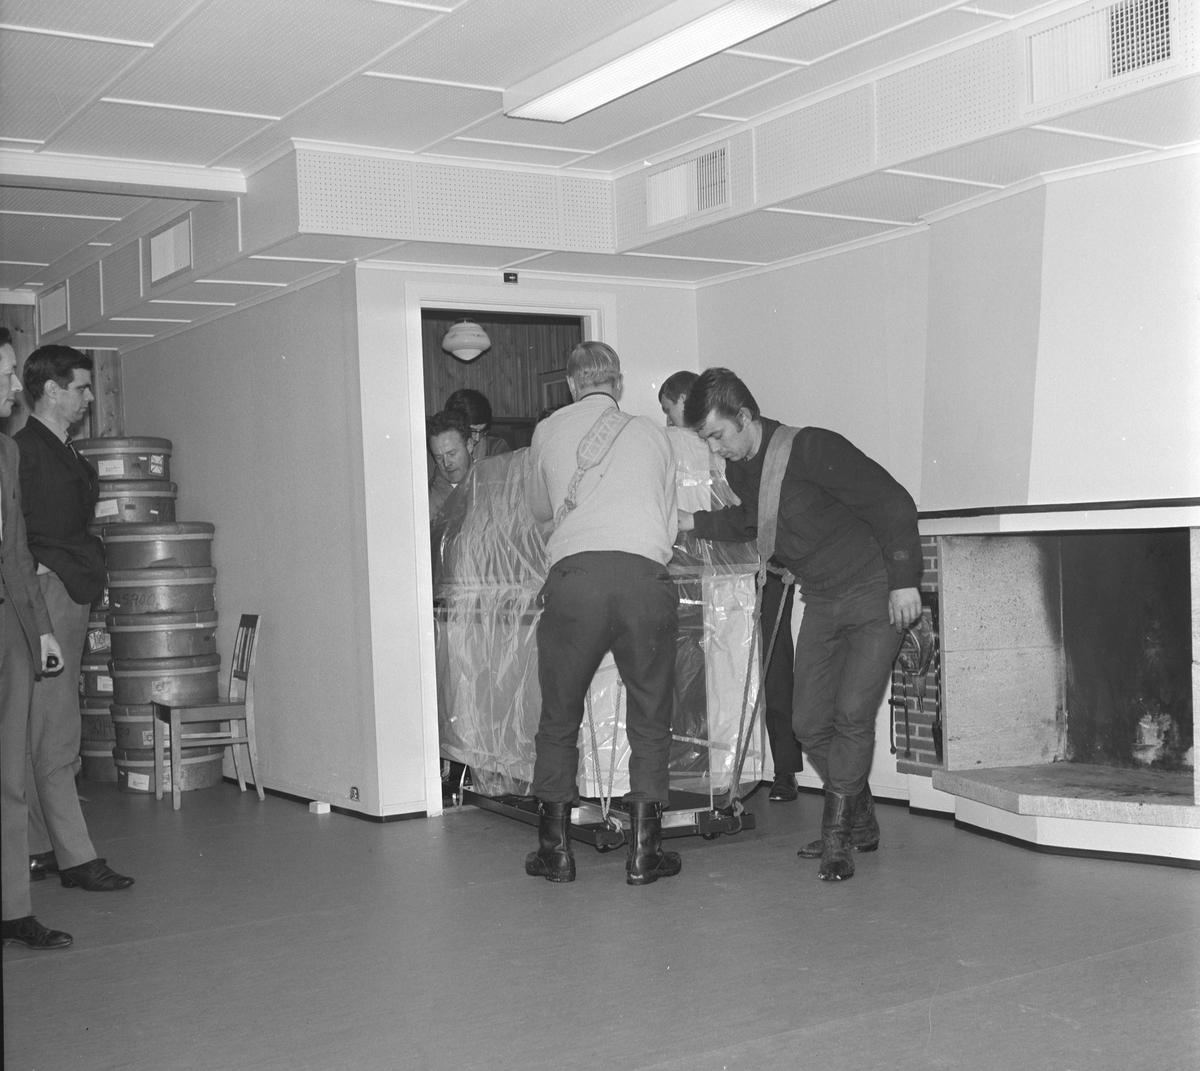 Nasjonal Kassaregister A/S. Montering, Installasjon av datamaskin hos Berger Langmoen A/S. Desember 1969. Datautstyr trilles inn på kontoret. Ukjente.